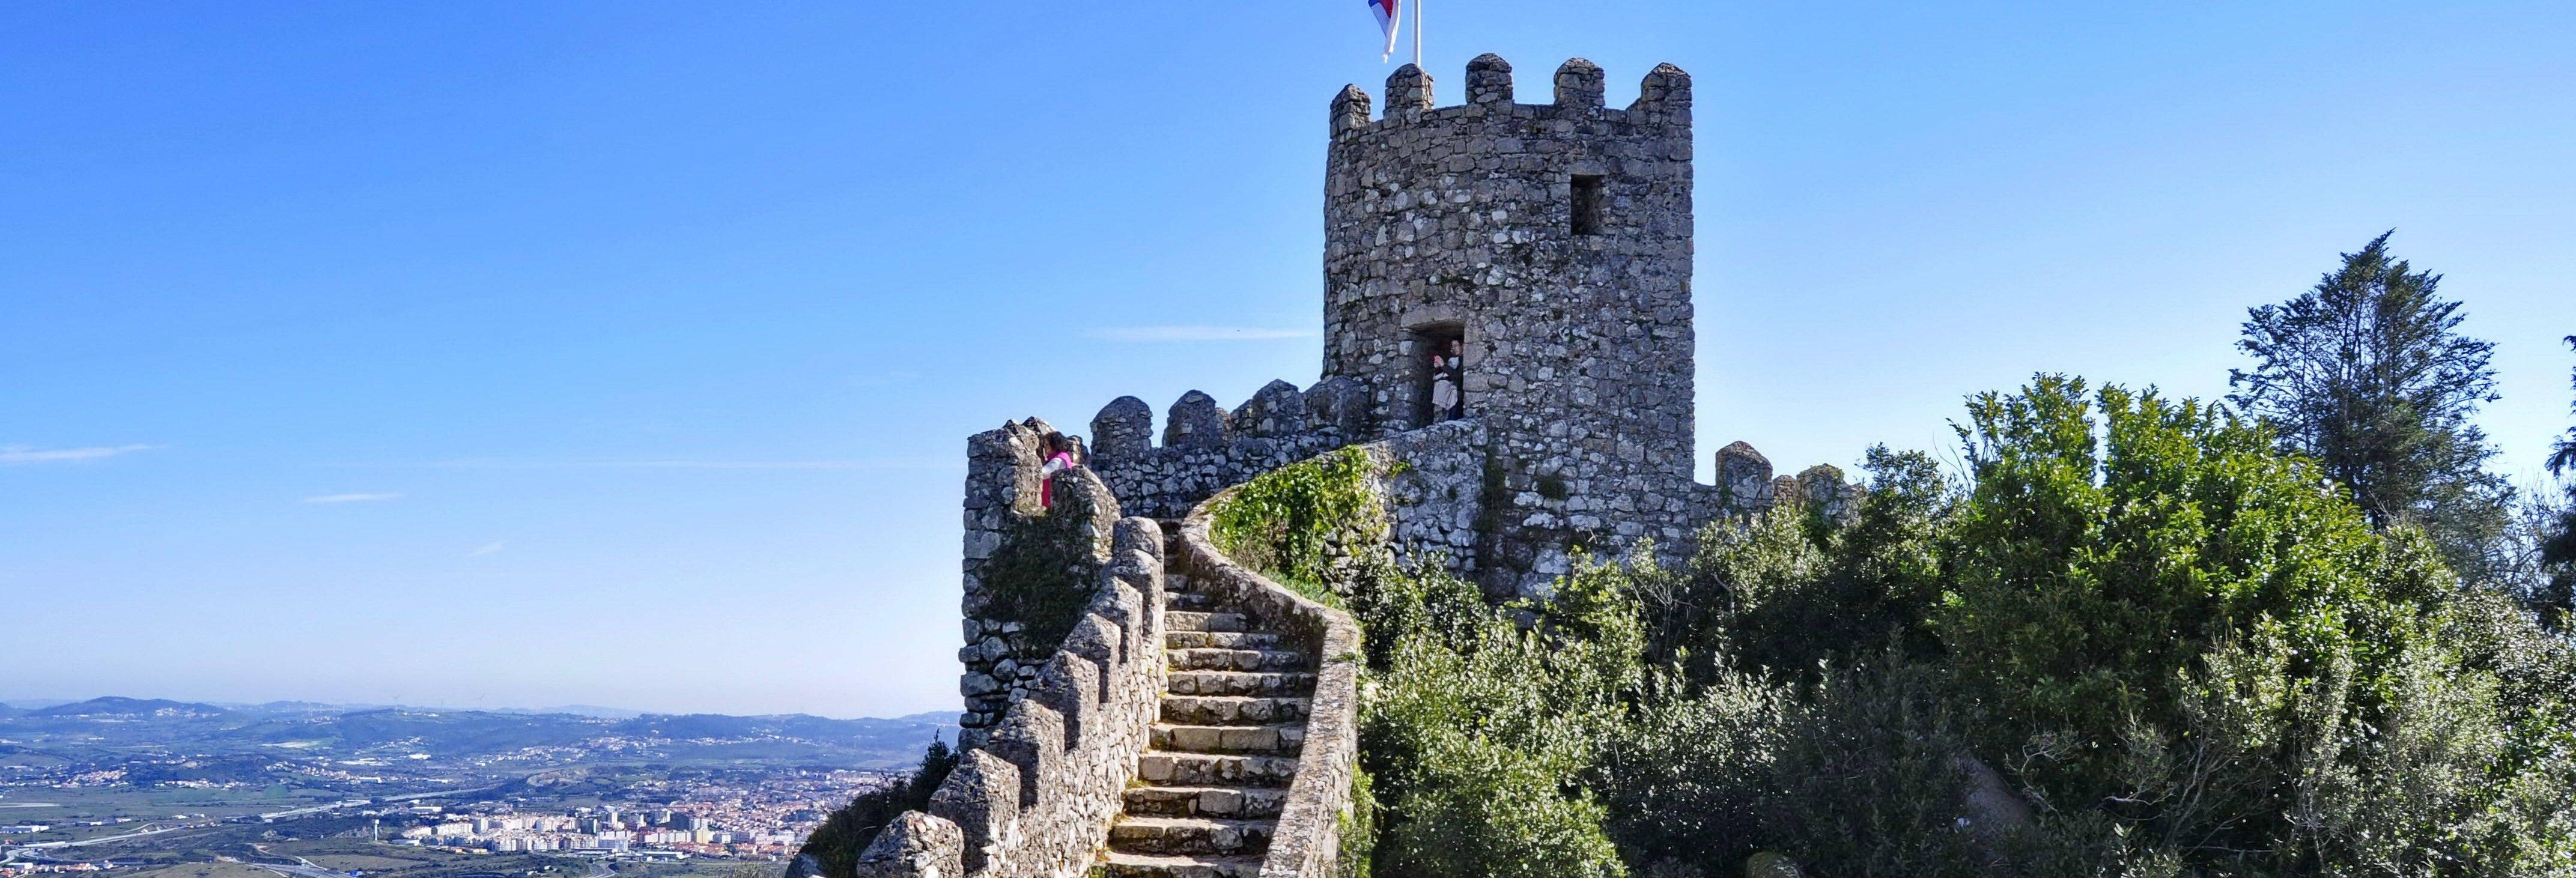 Biglietti per il Castello dei Mori di Sintra